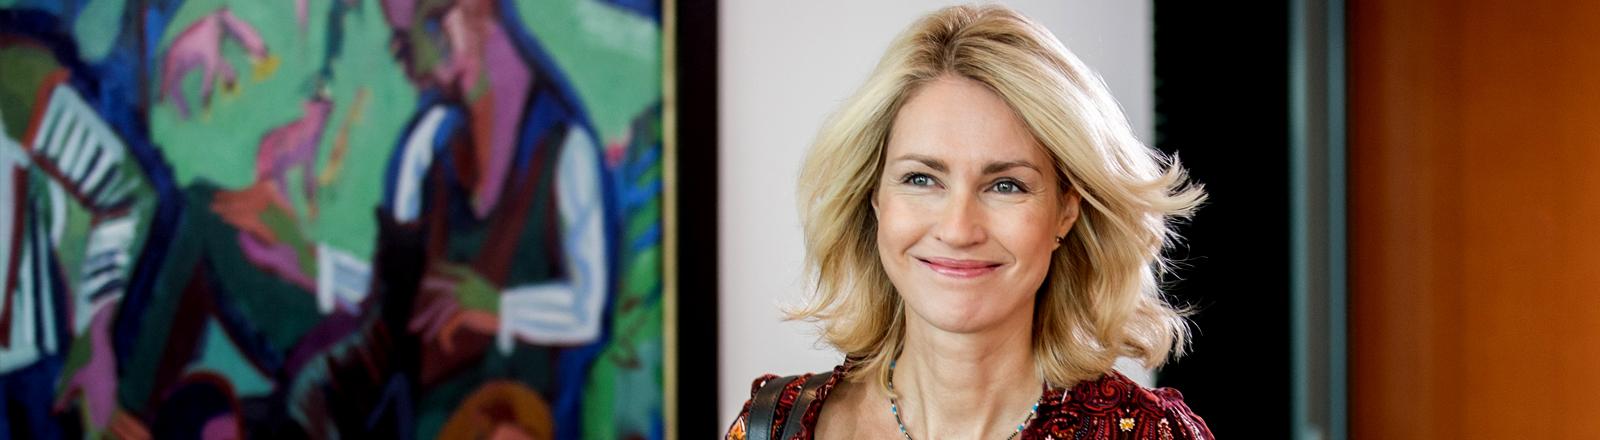 Manuela Schwesig auf dem Weg zu einer Kabinettssitzung.